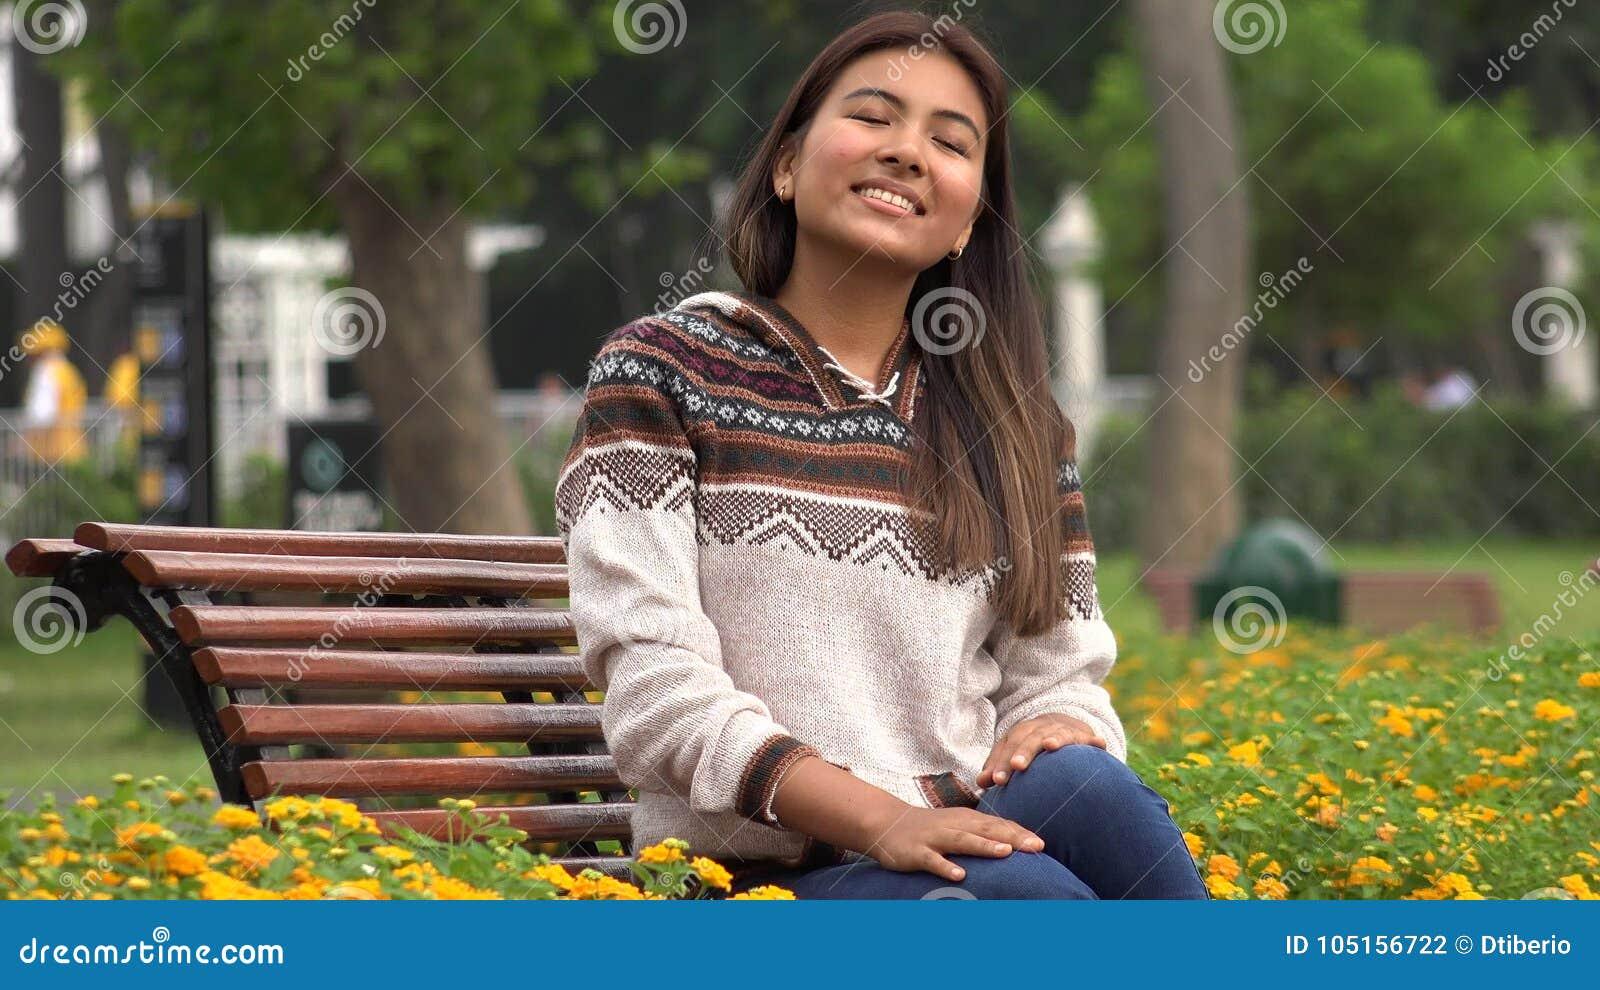 Teen in public park